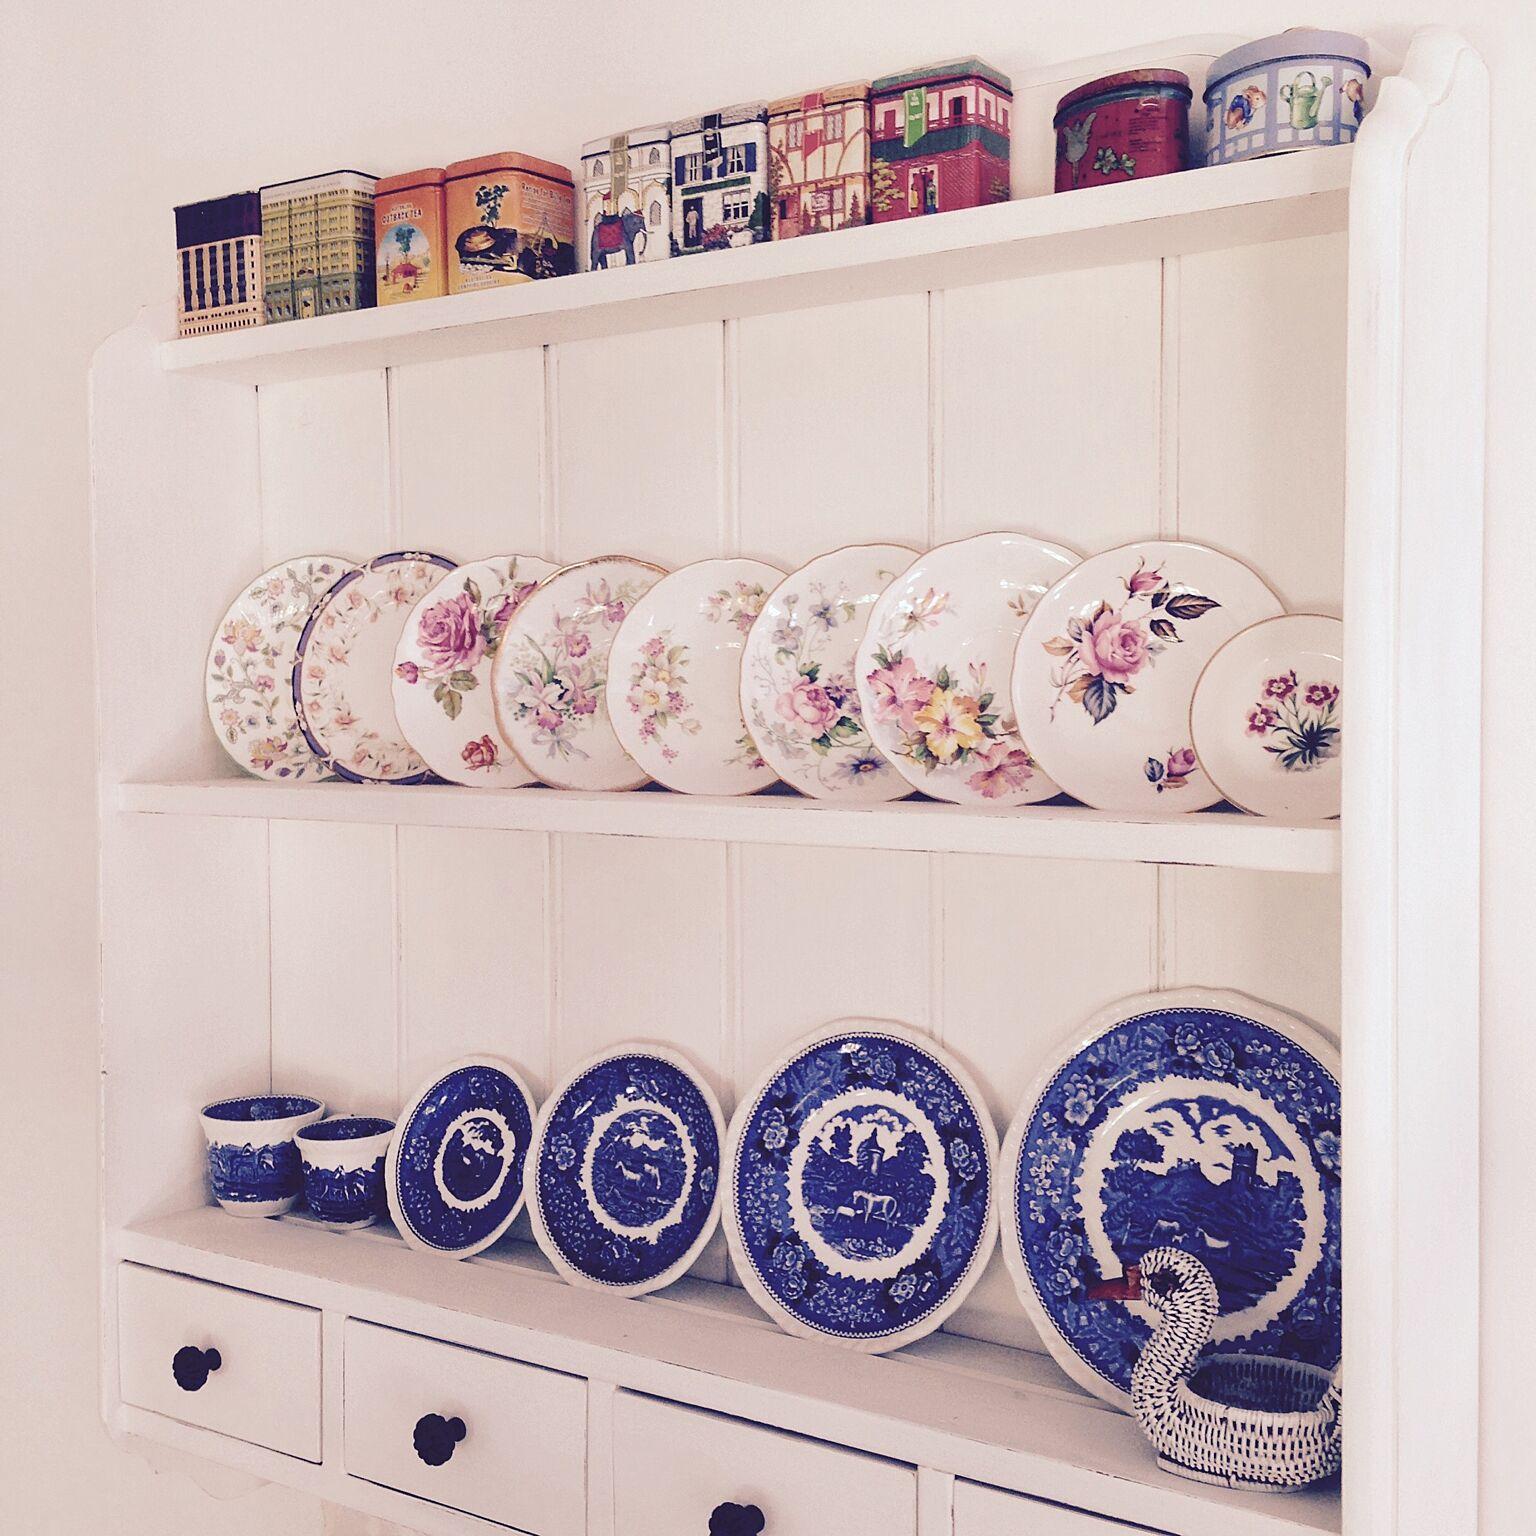 紅茶缶と一緒におしゃれなボーンチャイナのコレクションを並べるのもよいでしょう。ボーンチャイナのティーセットやプレートは、普段使い用のものだけではなく飾るために購入している人もたくさんいるでしょうから、見せる収納のために専用の棚を設置するのがおすすめです。